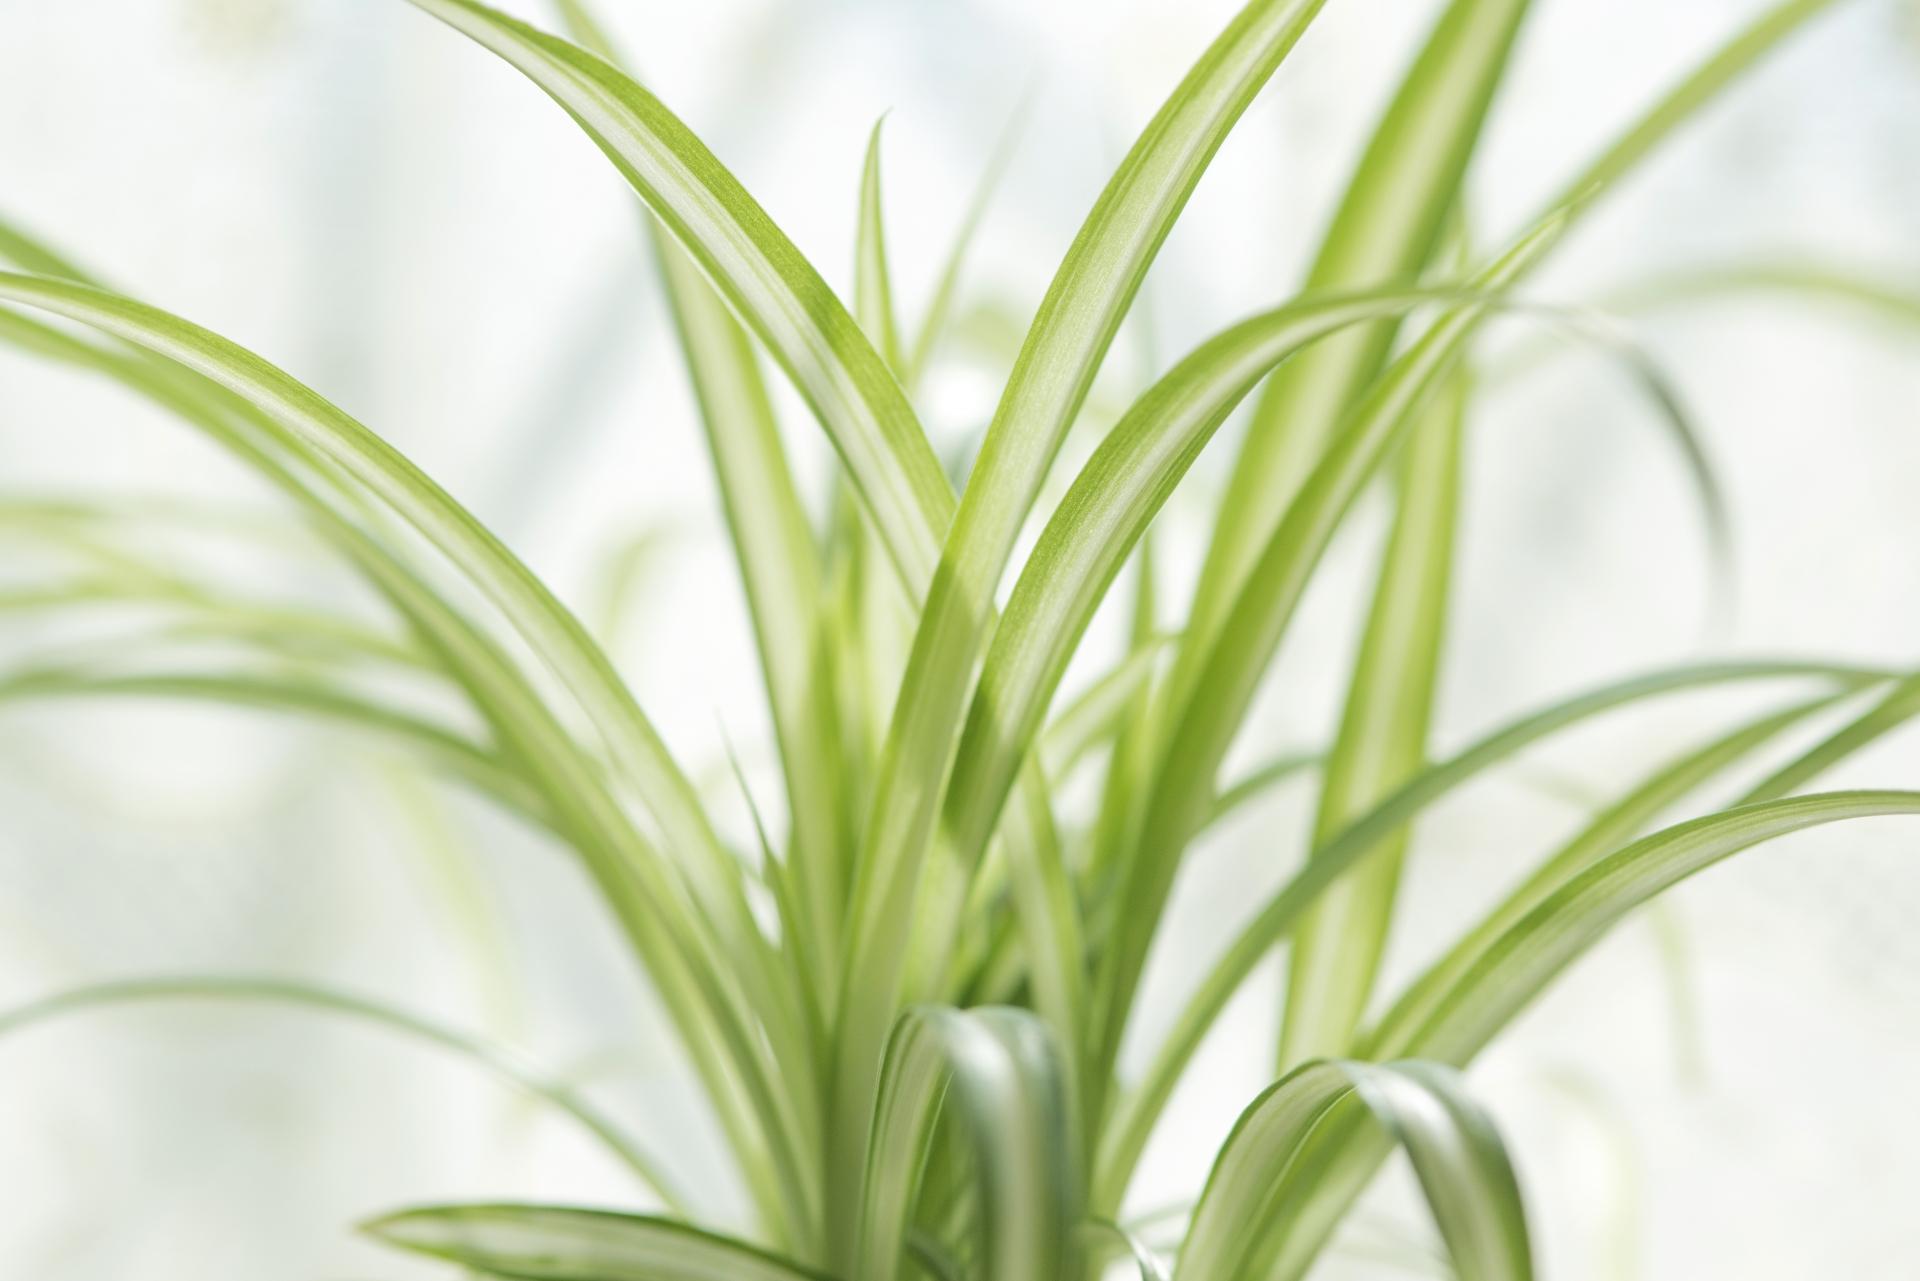 ガーデン用品屋さんの花図鑑 オリヅルラン